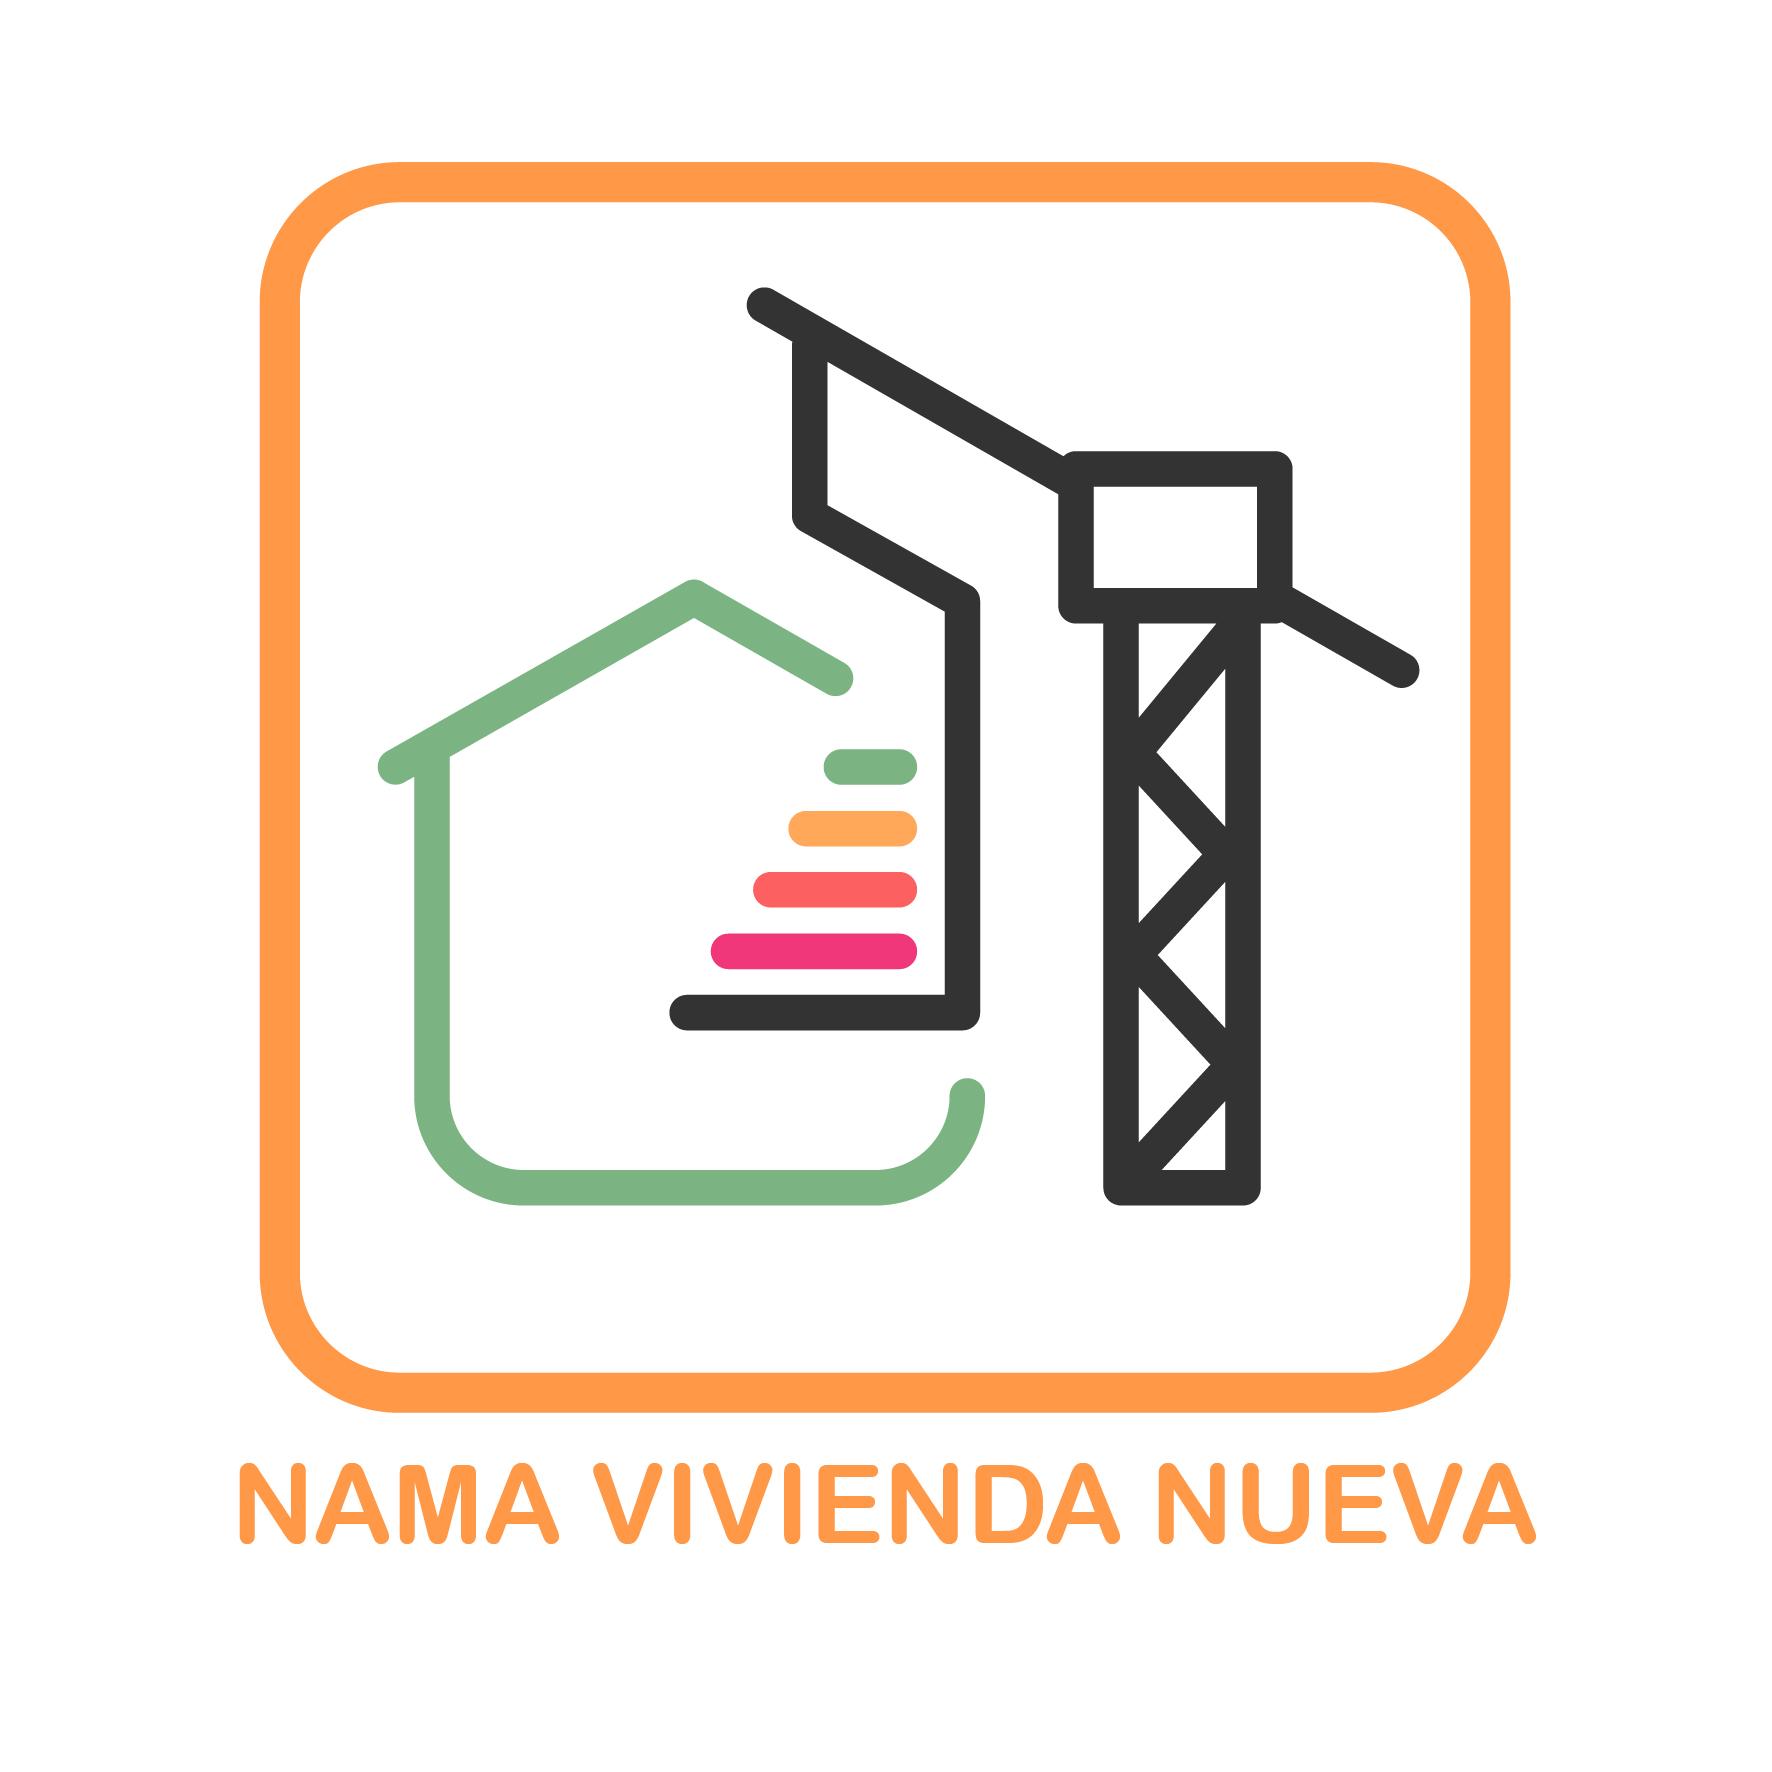 Icon of 01 NAMA Vivienda Nueva